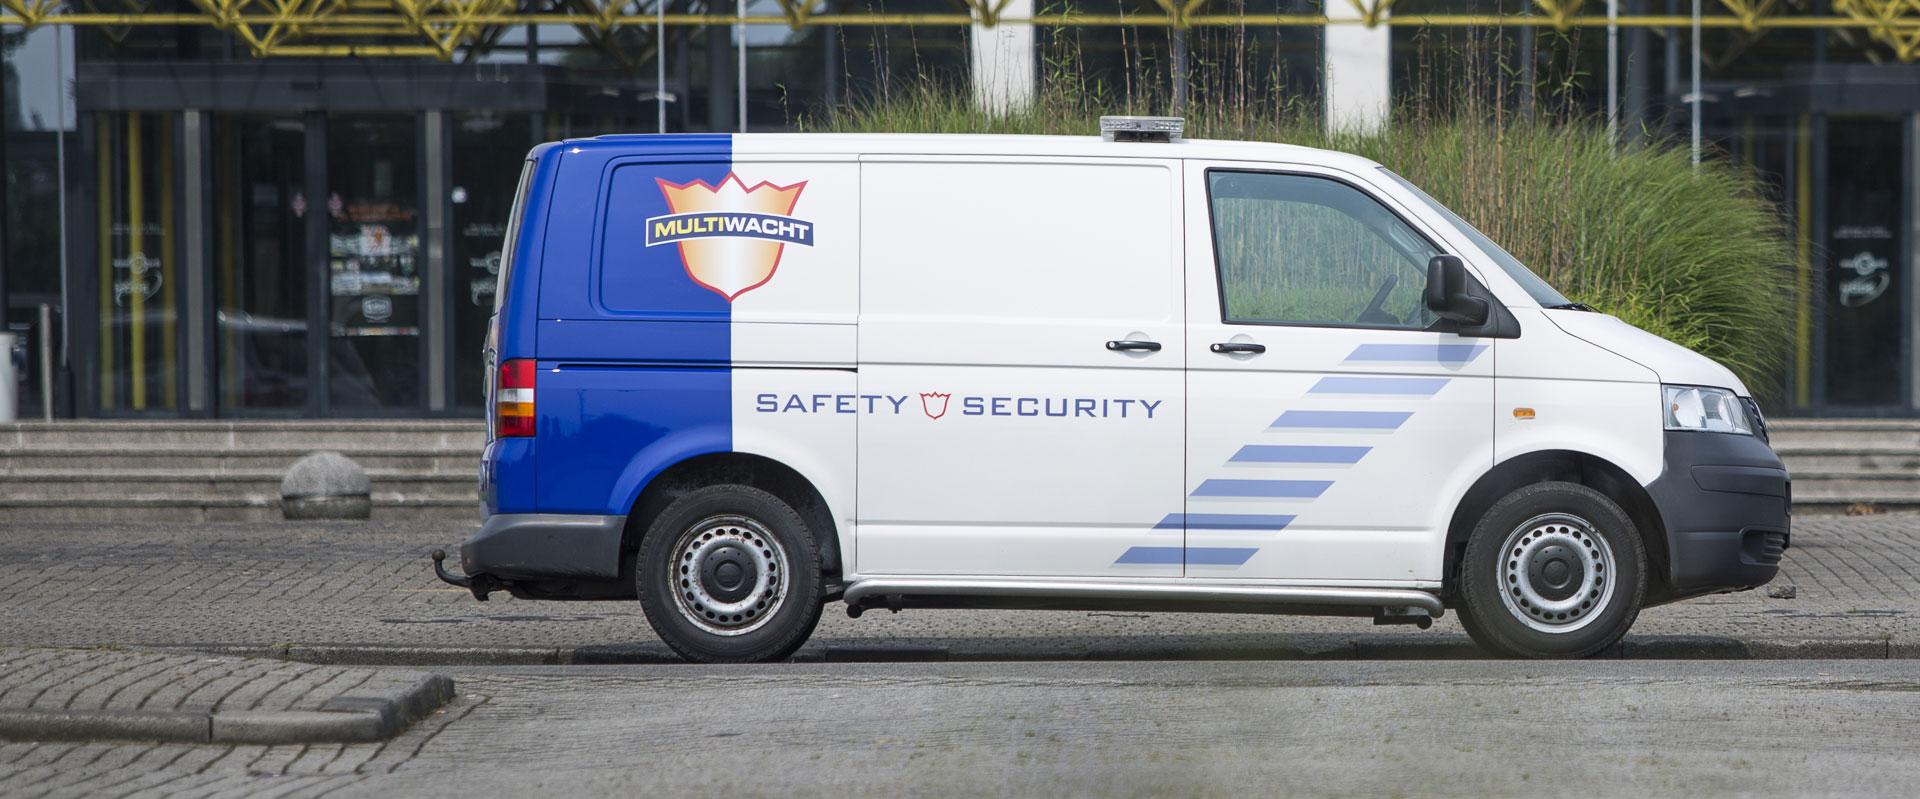 mobiele surveillance in utrecht